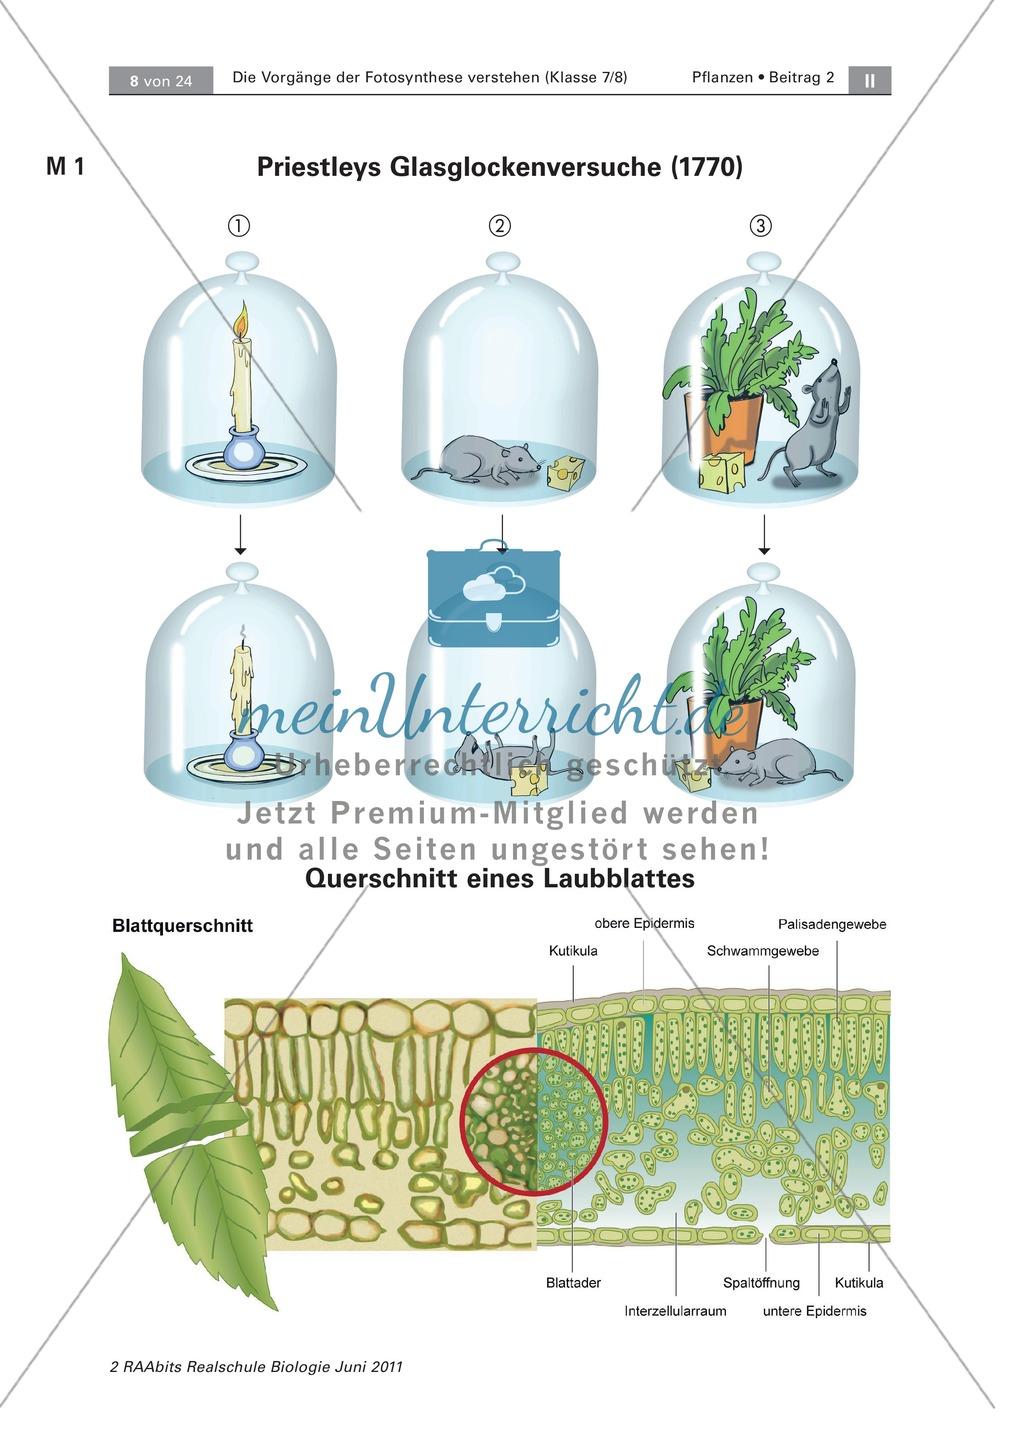 Die Vorgänge der Fotosynthese: Querschnitt eines Laubblattes + Versuche mit der Wasserpest Preview 1